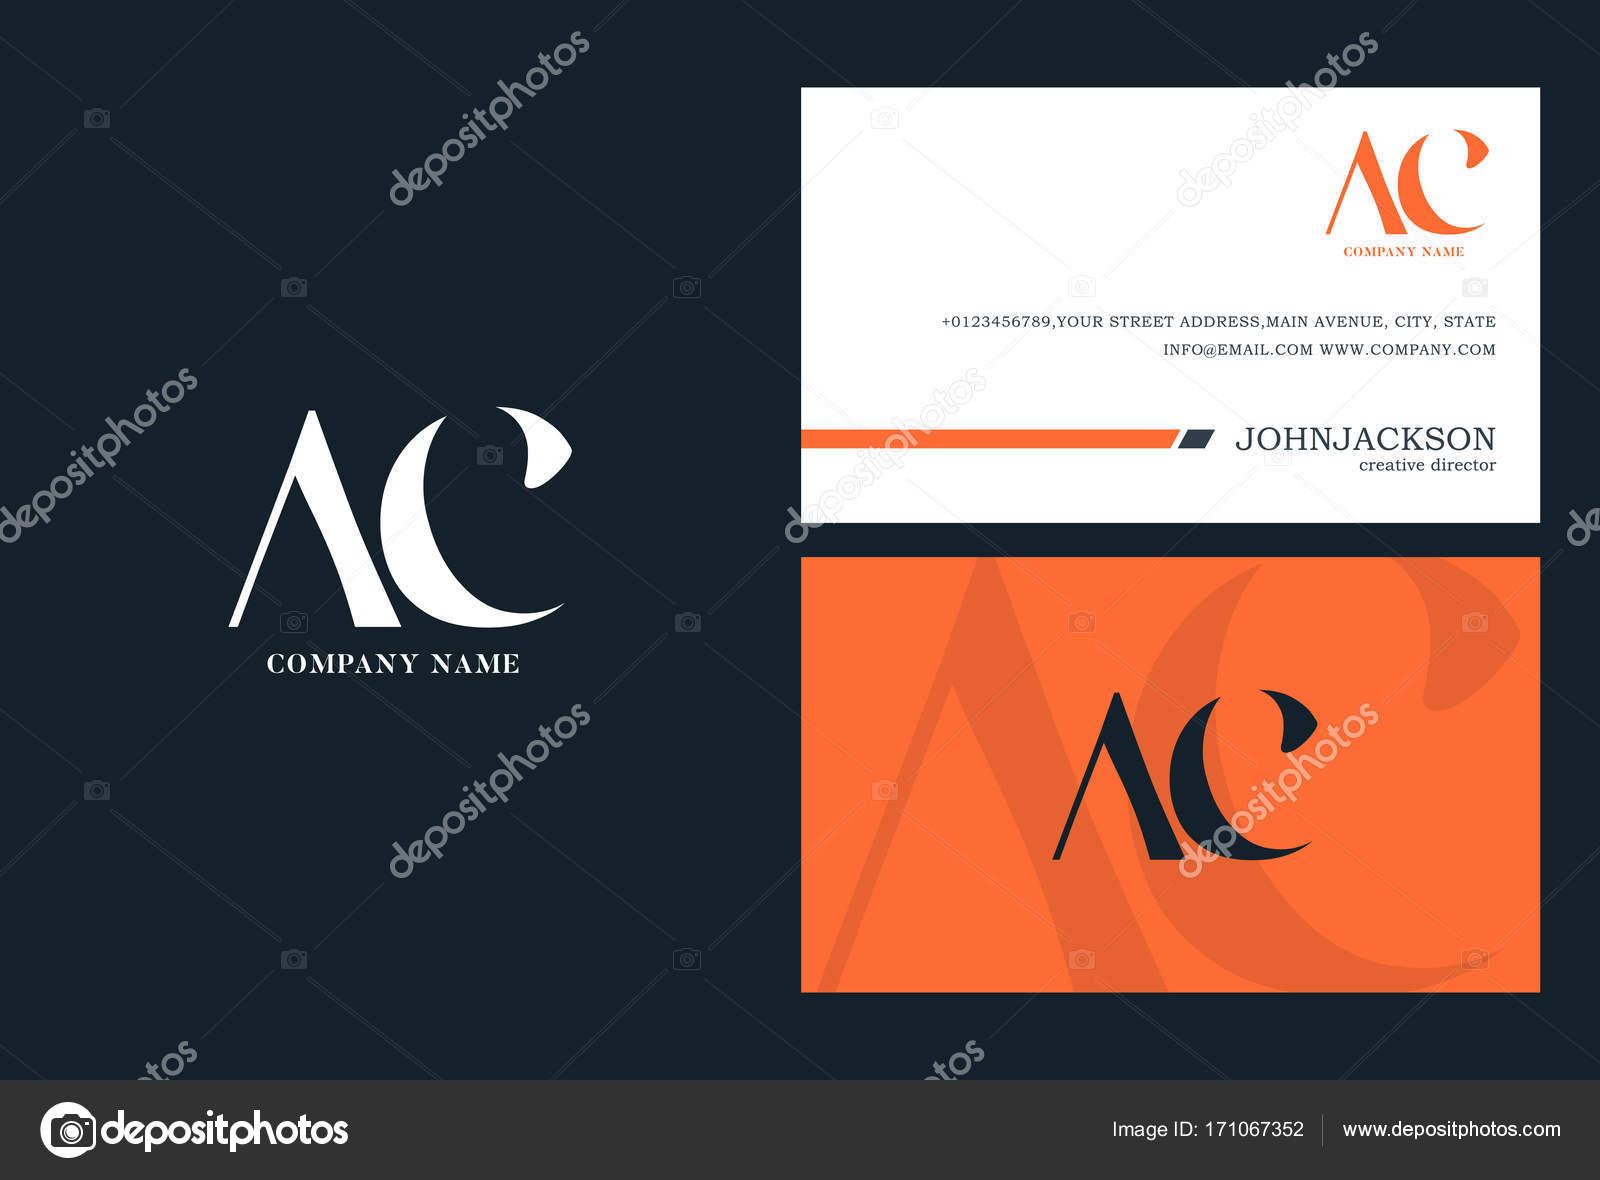 AC-Gelenk Buchstaben Logo — Stockvektor © brainbistro #171067352